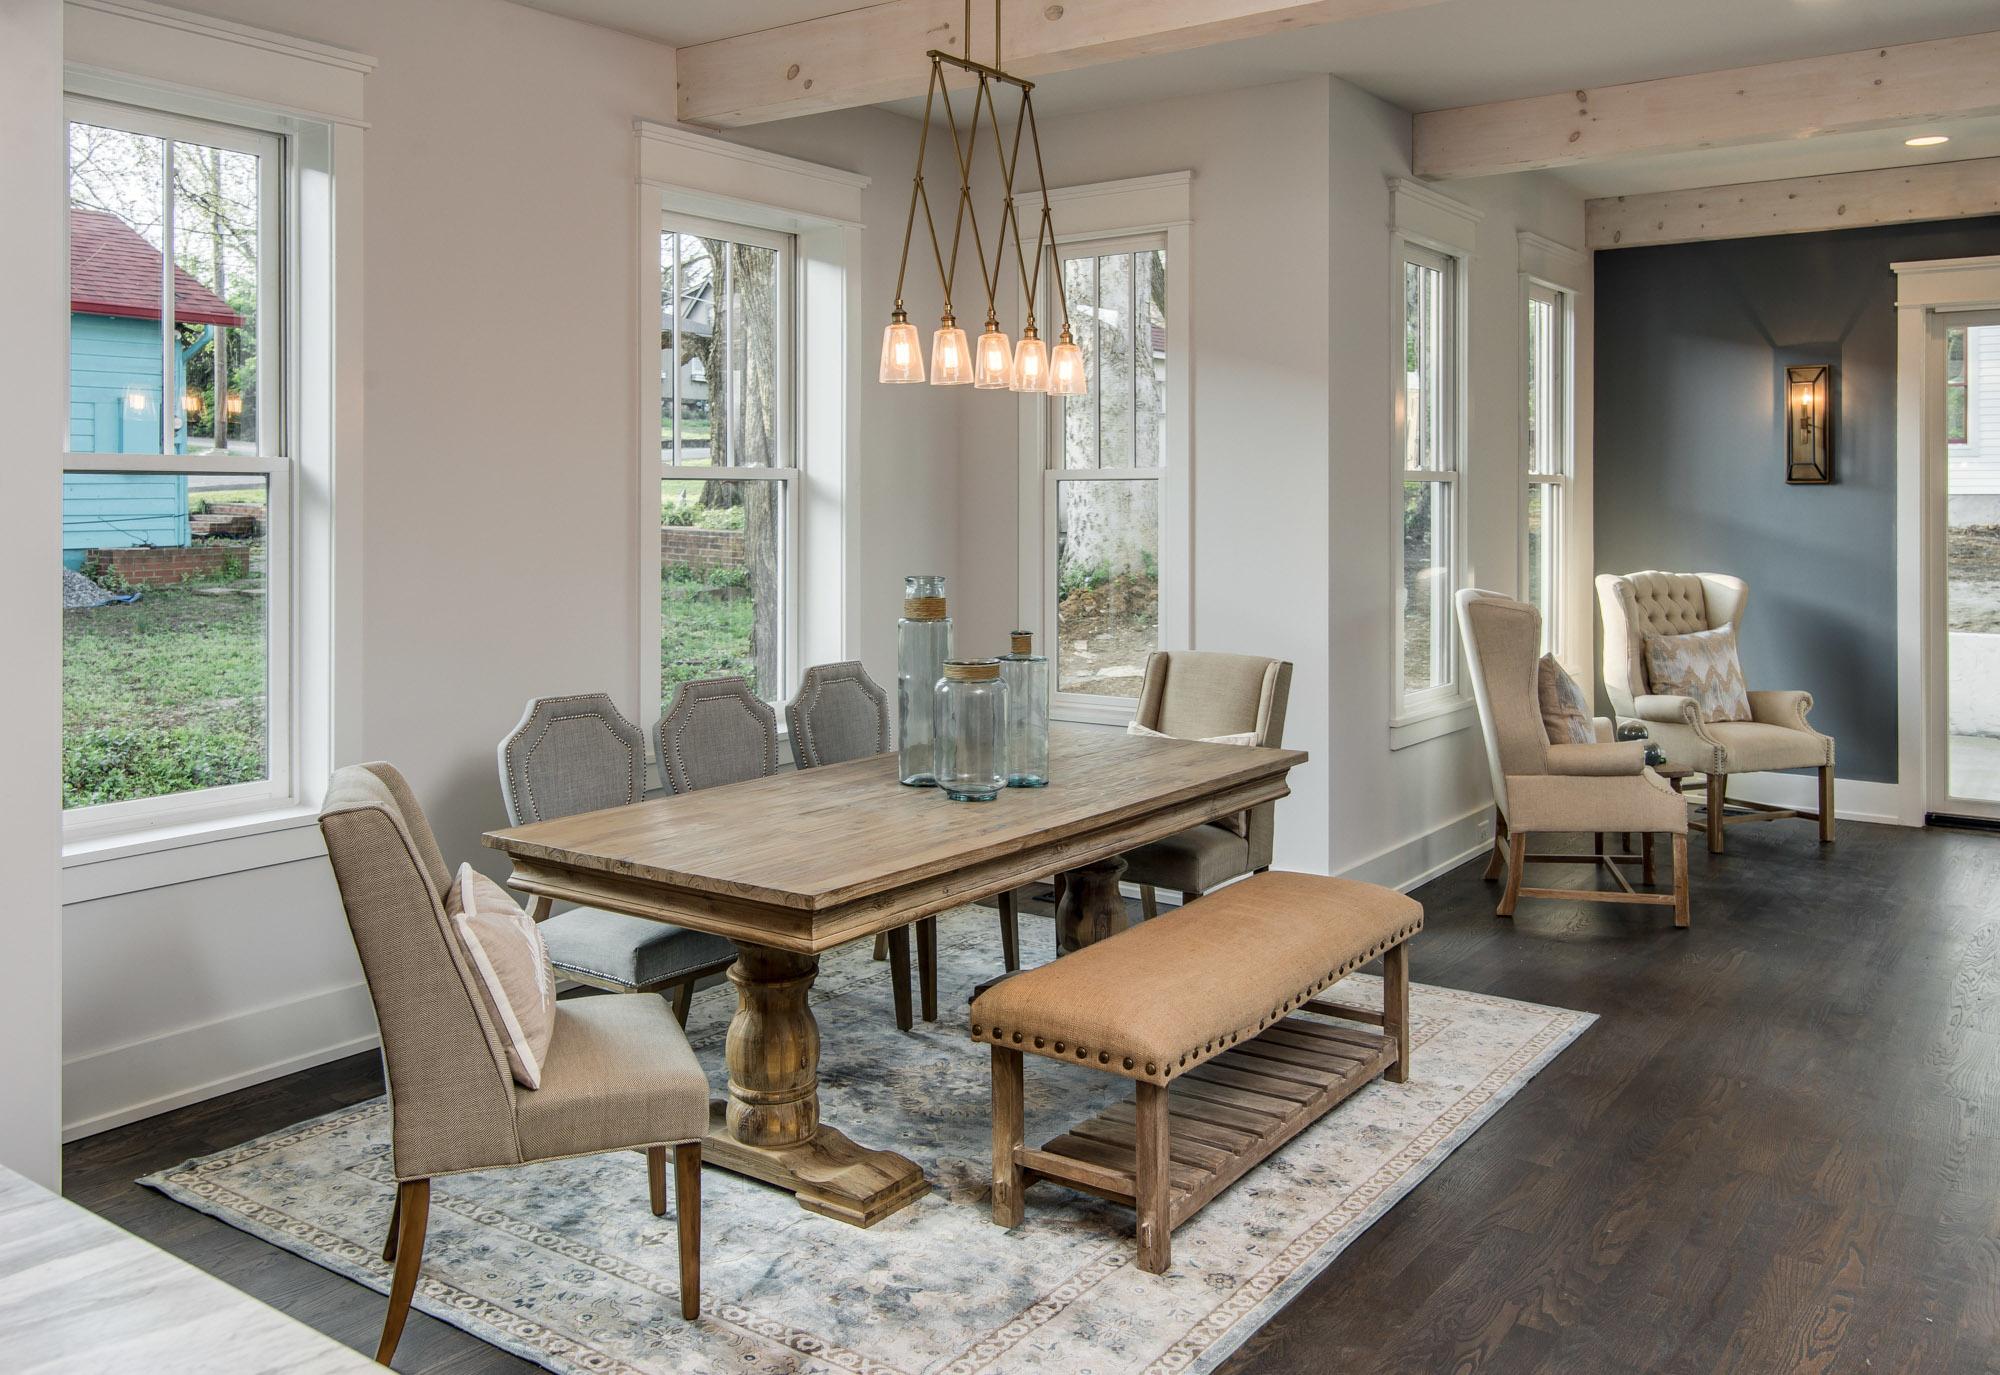 nashville-home-remodel-renovation-custom-home-tennessee-britt-development-group-1033.jpg